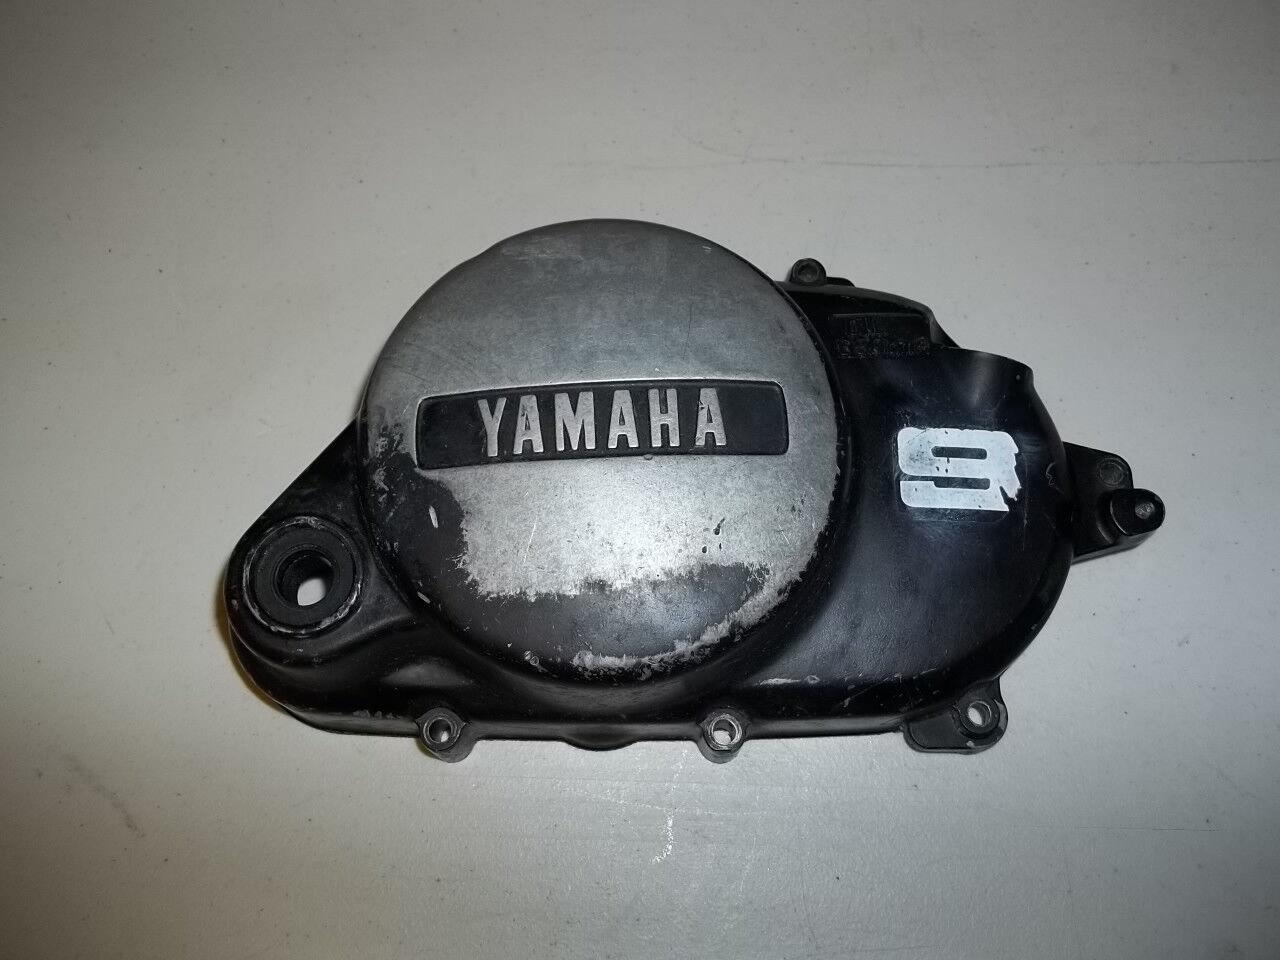 YAMAHA PW80 PW 80 PISTON KIT RING ENGINE I PK10P